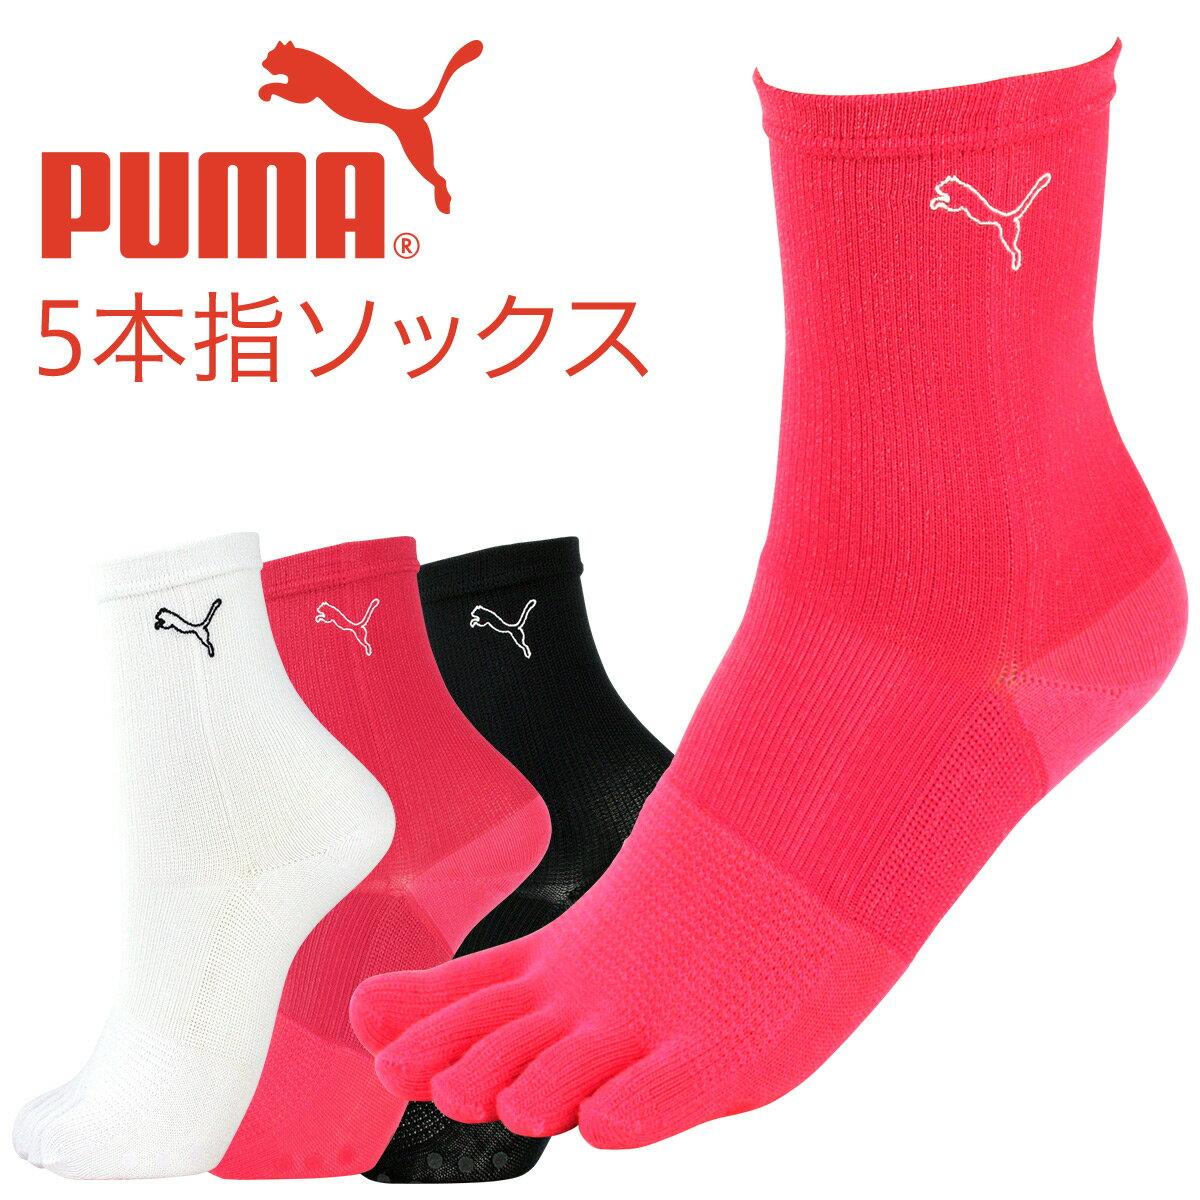 【送料無料】PUMA ( プーマ ) レディス 5本指・アーチフィットサポート ランニング マラソン クルー丈 ソックス 3562-227ポイント10倍